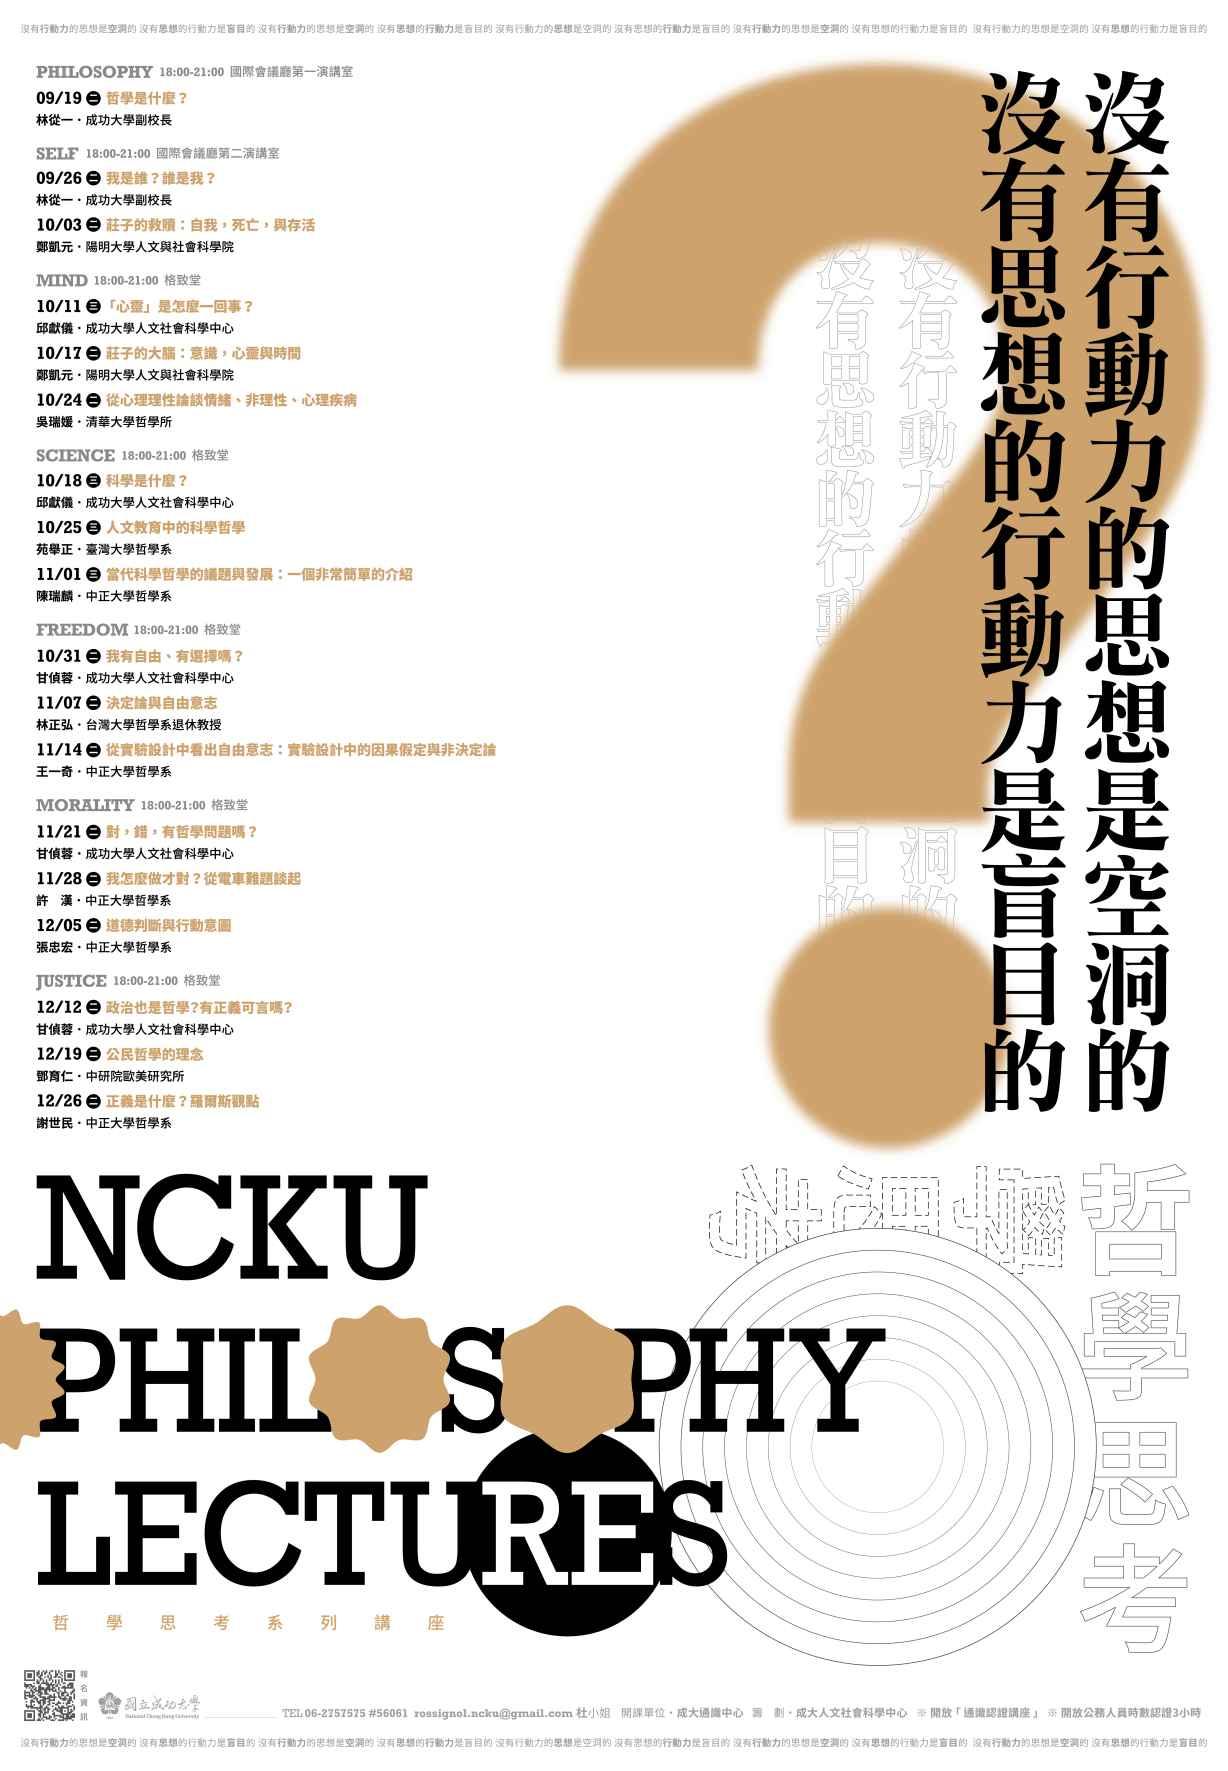 哲學思考系列講座–正不正義有關係嗎?〈公民哲學的理念〉